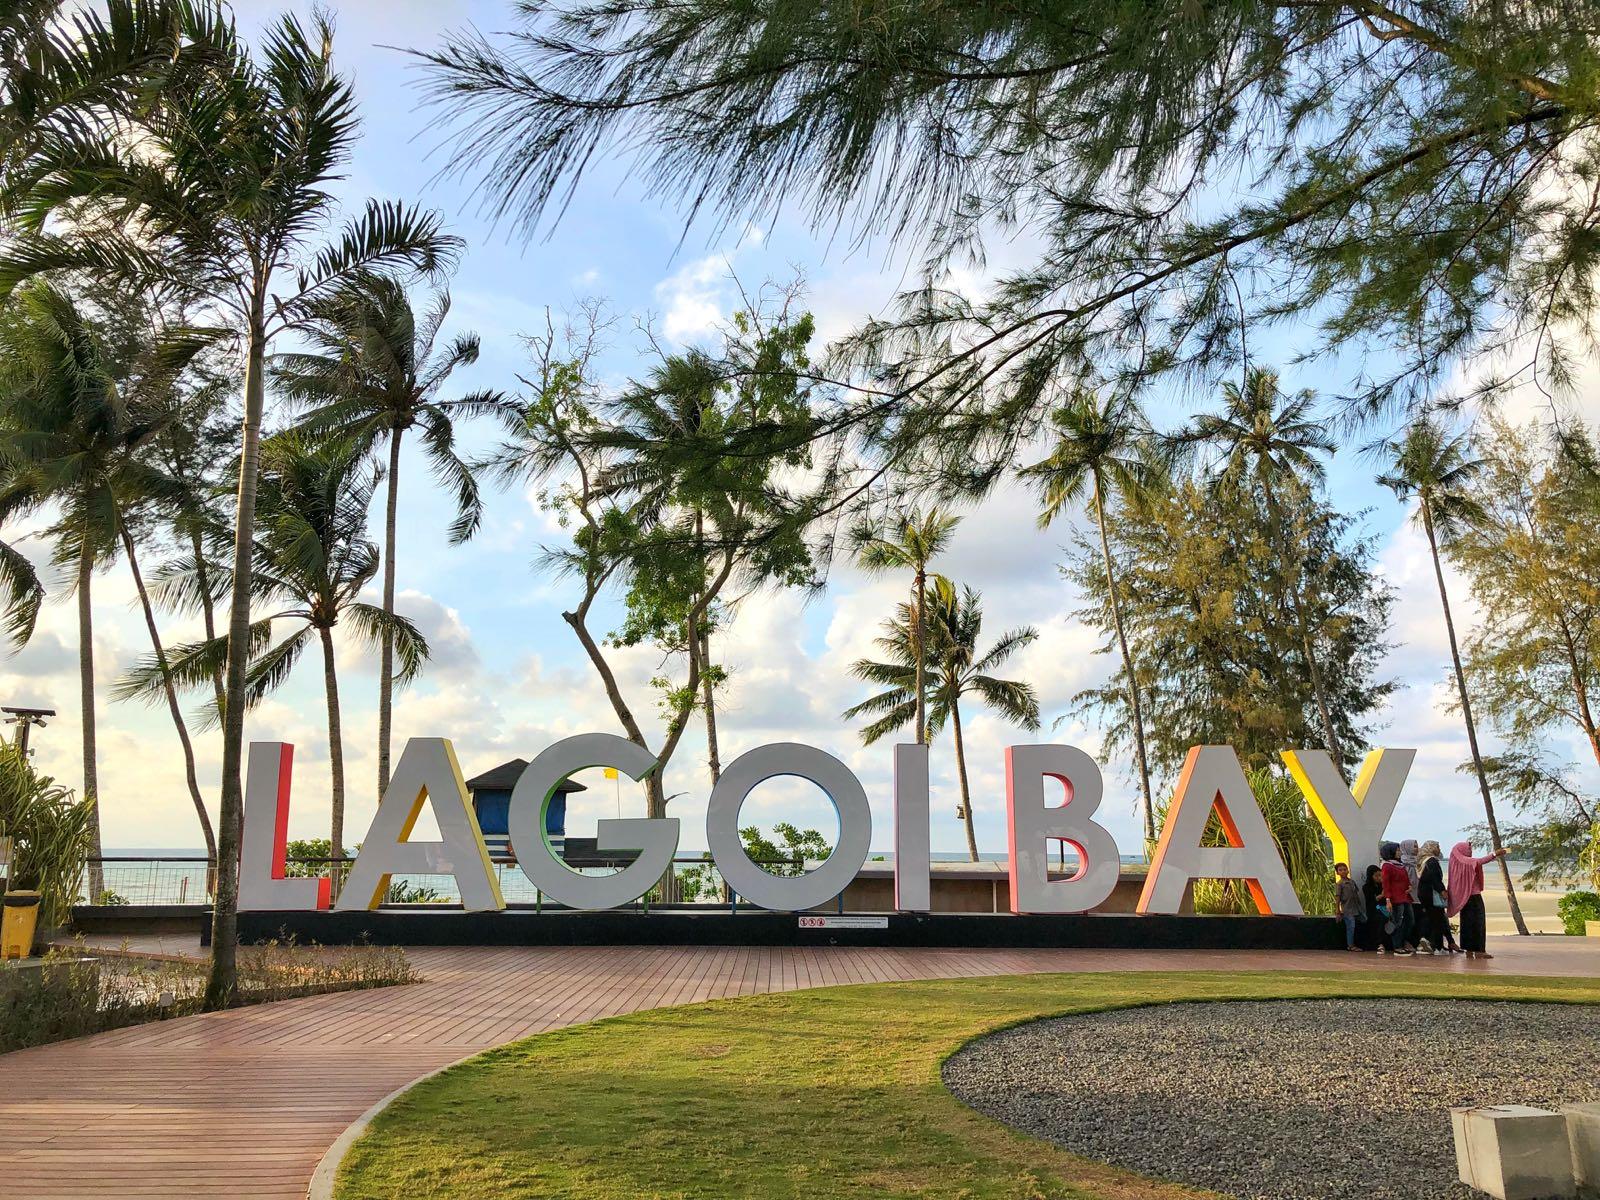 Wisata Lagoi Bay Bintan, Rekreasi Selayak di Kuta Bali